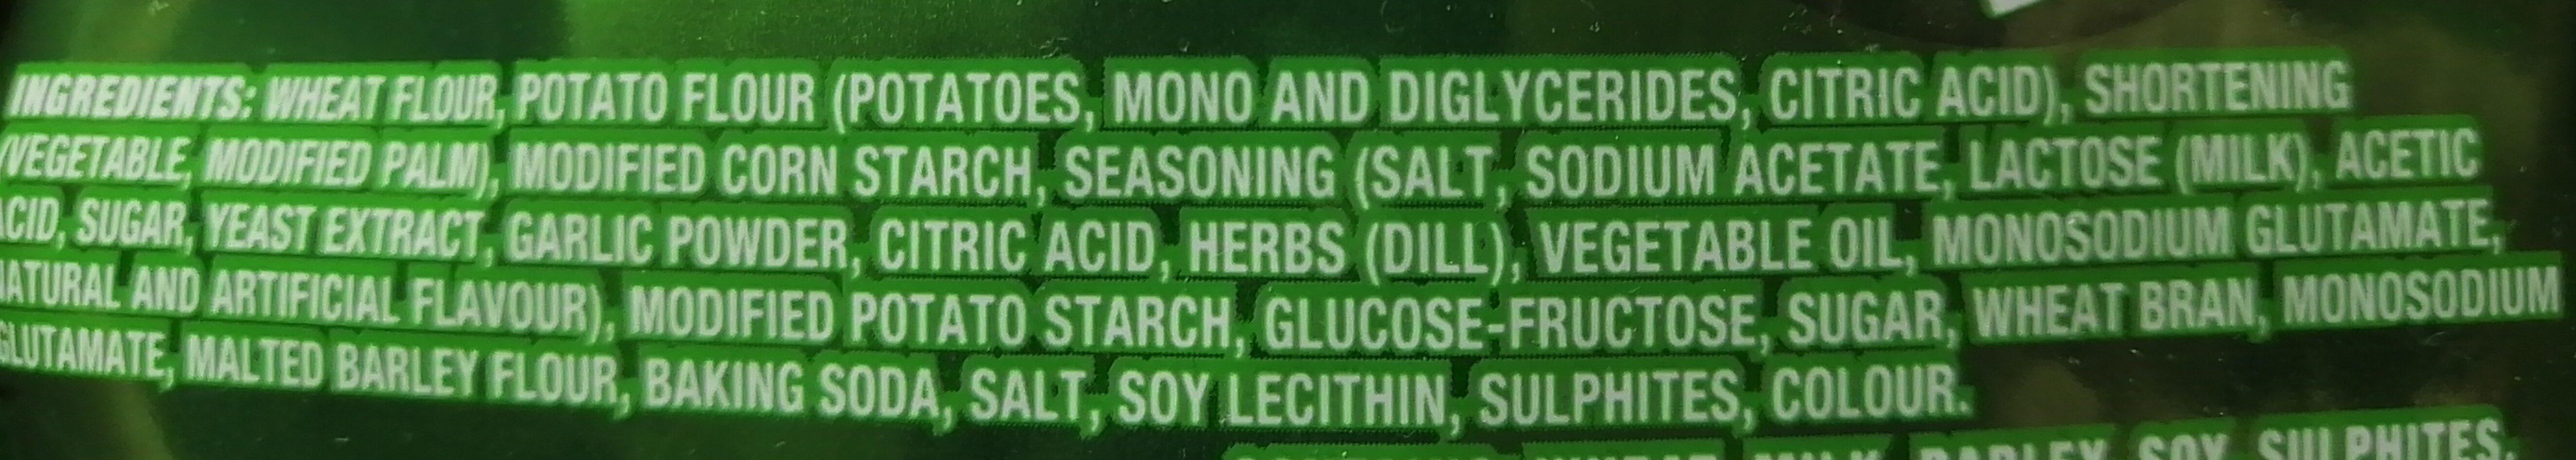 Crispers dill pickle - Ingrediënten - en